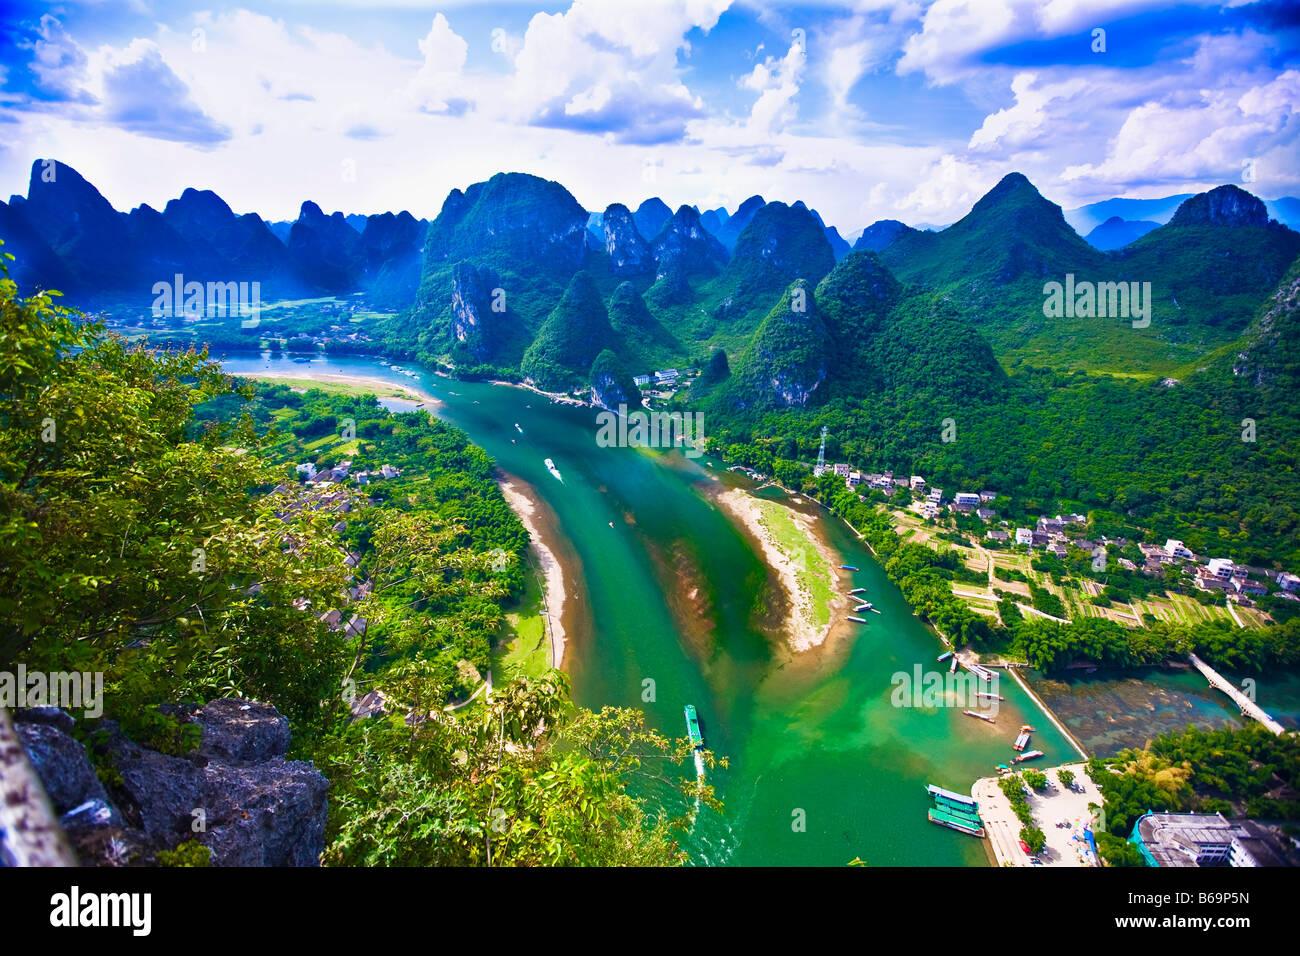 Vista aérea de un río, Río Li, XingPing, Yangshuo, Guangxi, China Foto de stock